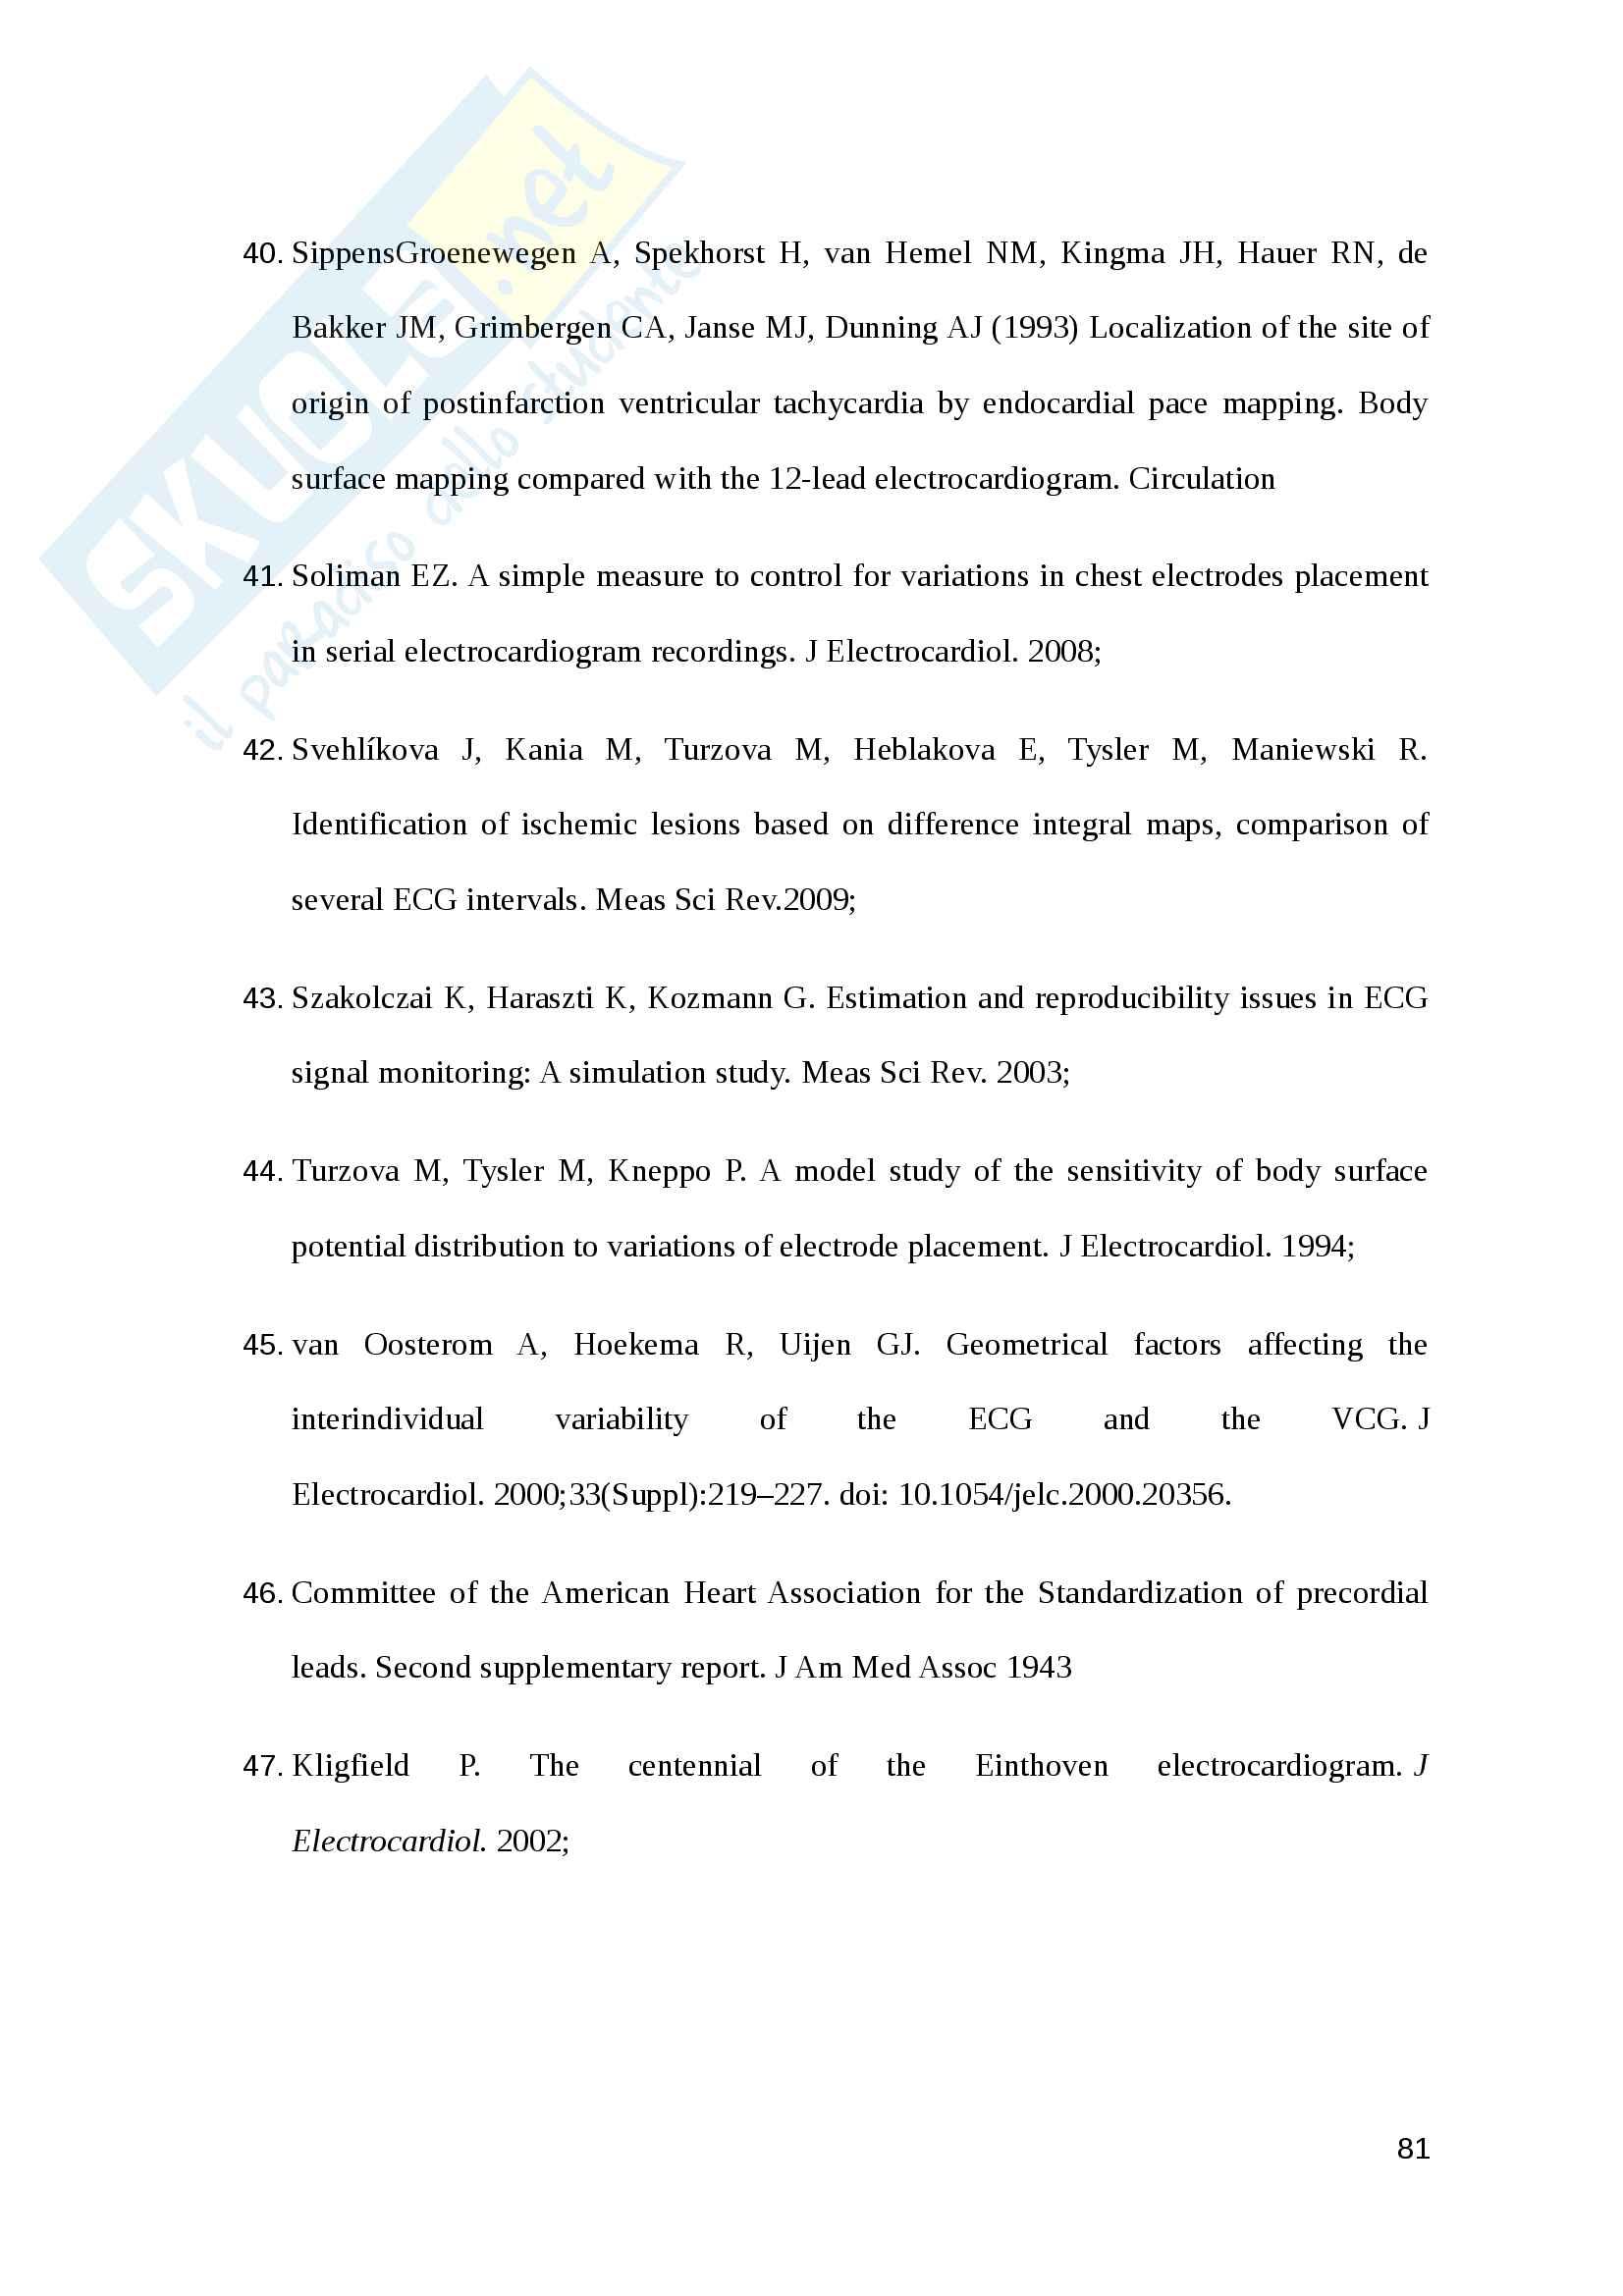 TESI DI LAUREA:Infermieri ed ECG: quali competenze e responsabilità? Indagine conoscitiva di tipo descrittivo Pag. 81